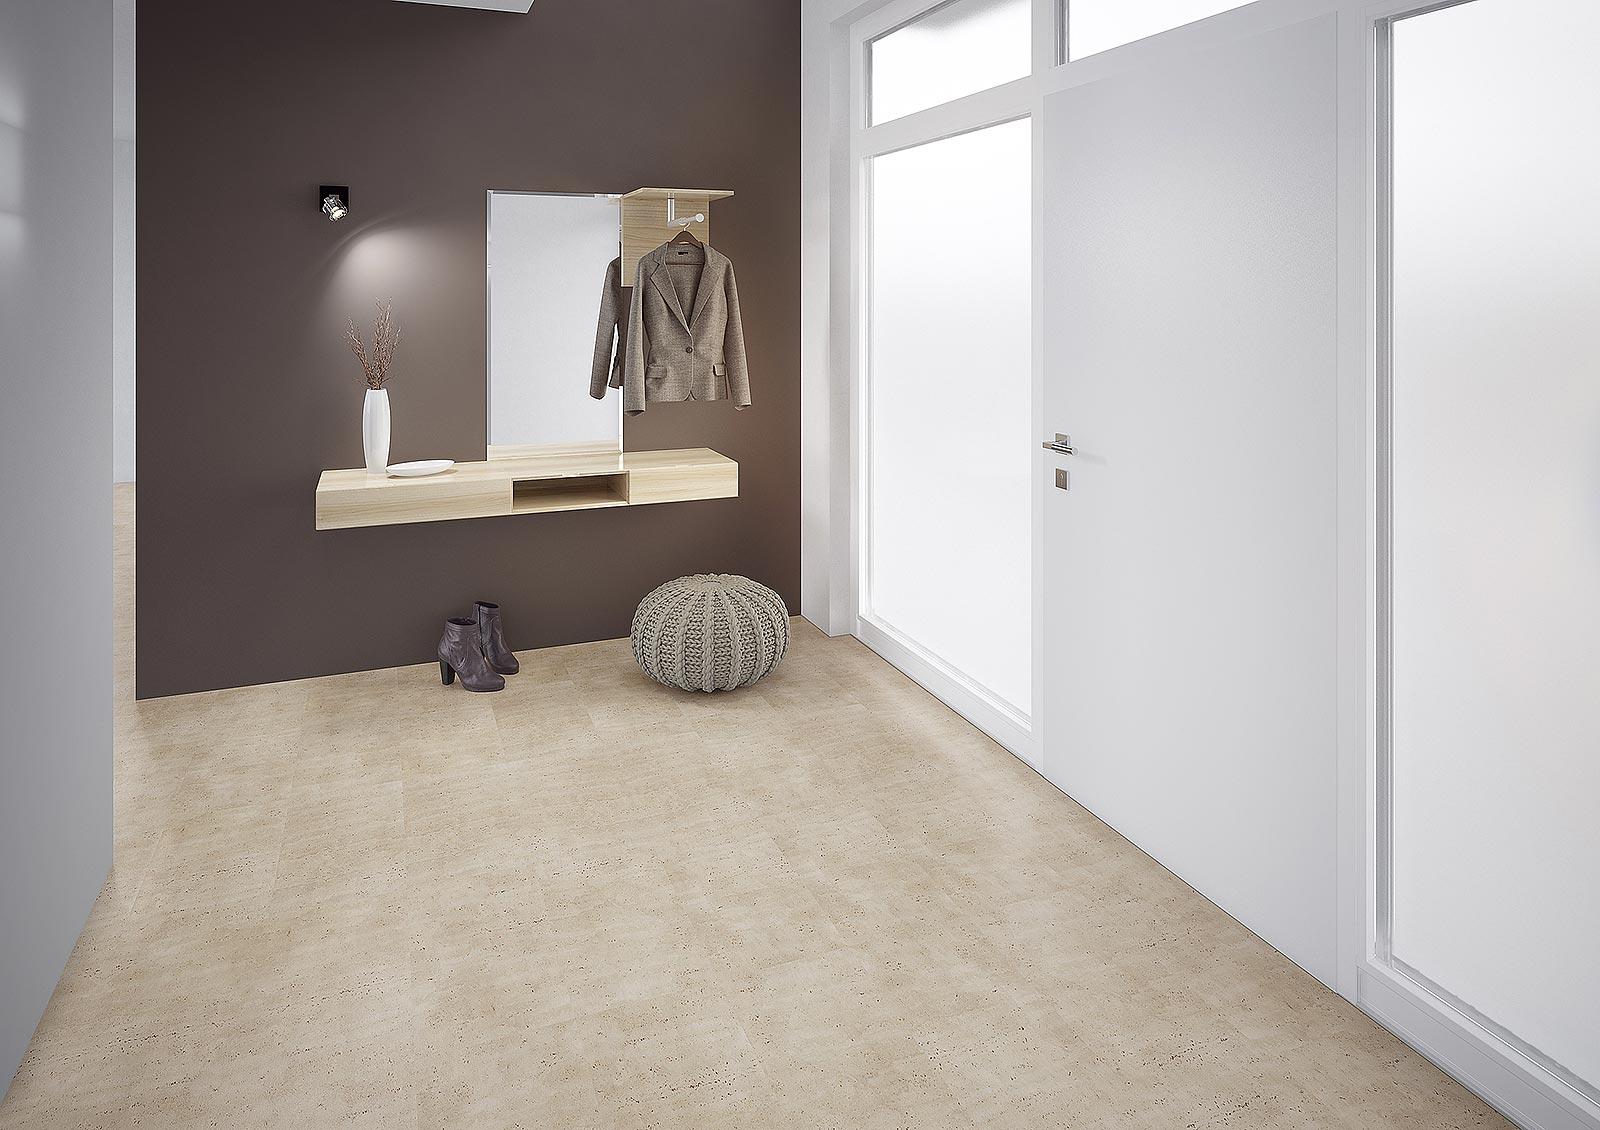 pvc und pcv bodenbelag kristian s bodenbel ge bad s ckingen. Black Bedroom Furniture Sets. Home Design Ideas